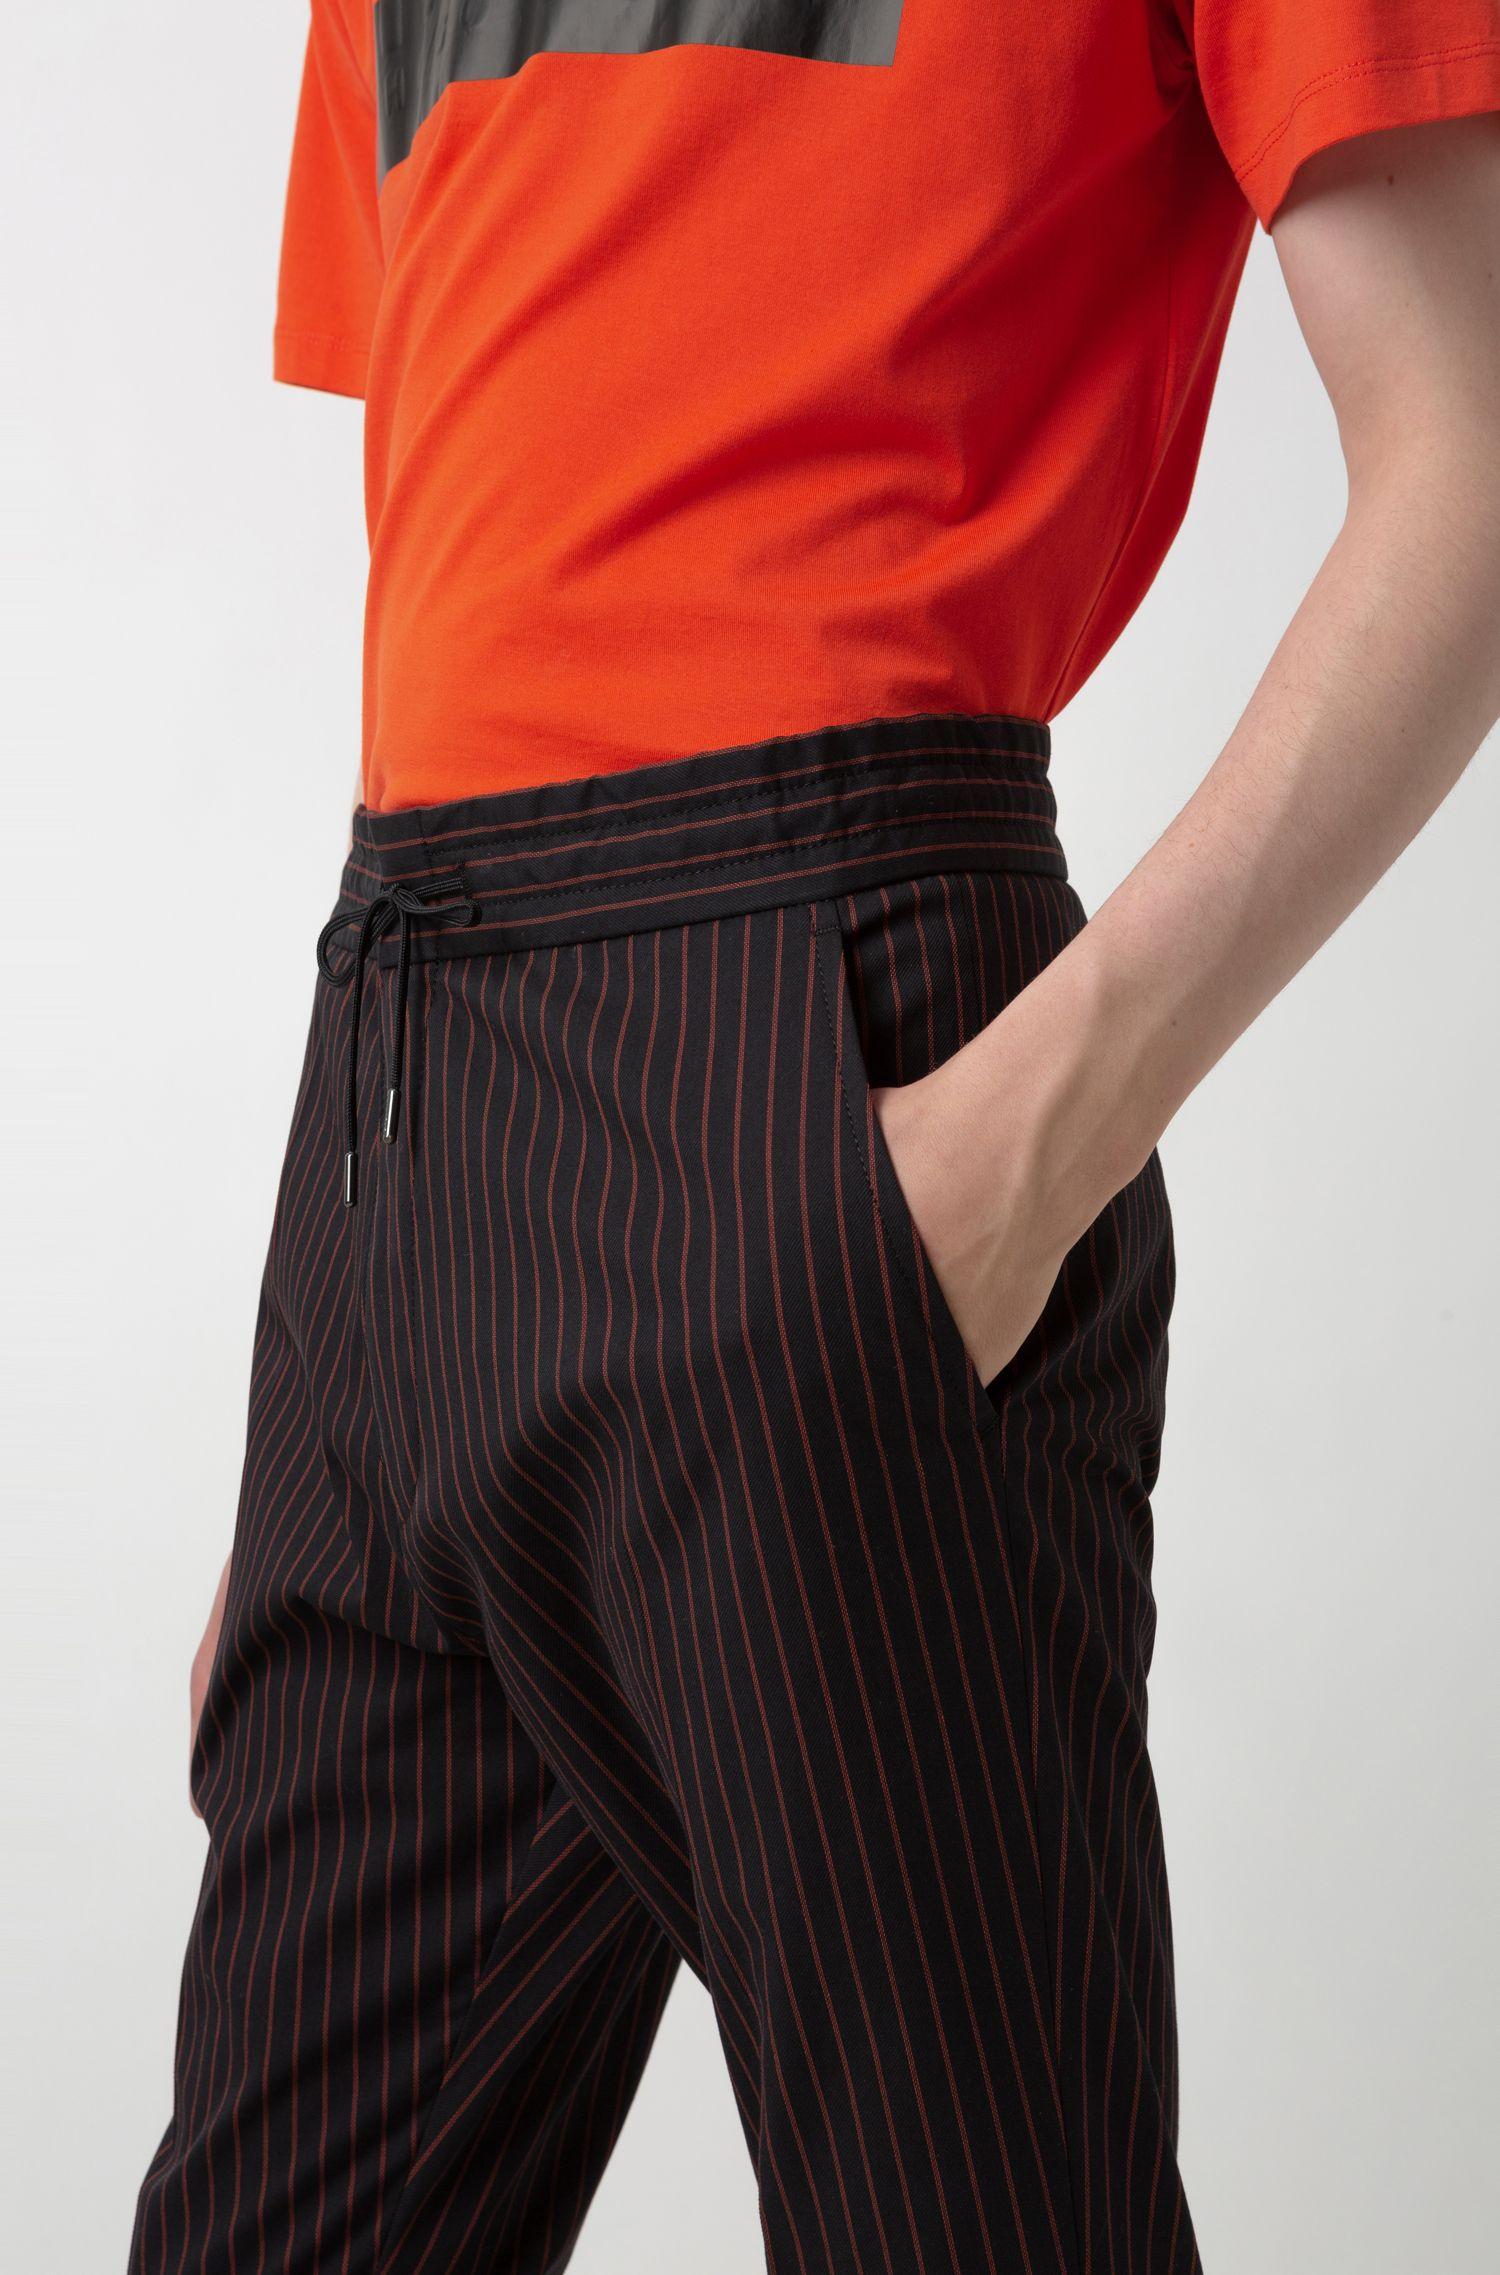 Pantalon Tapered Fit avec taille à cordon de serrage et rayures tennis, Fantaisie